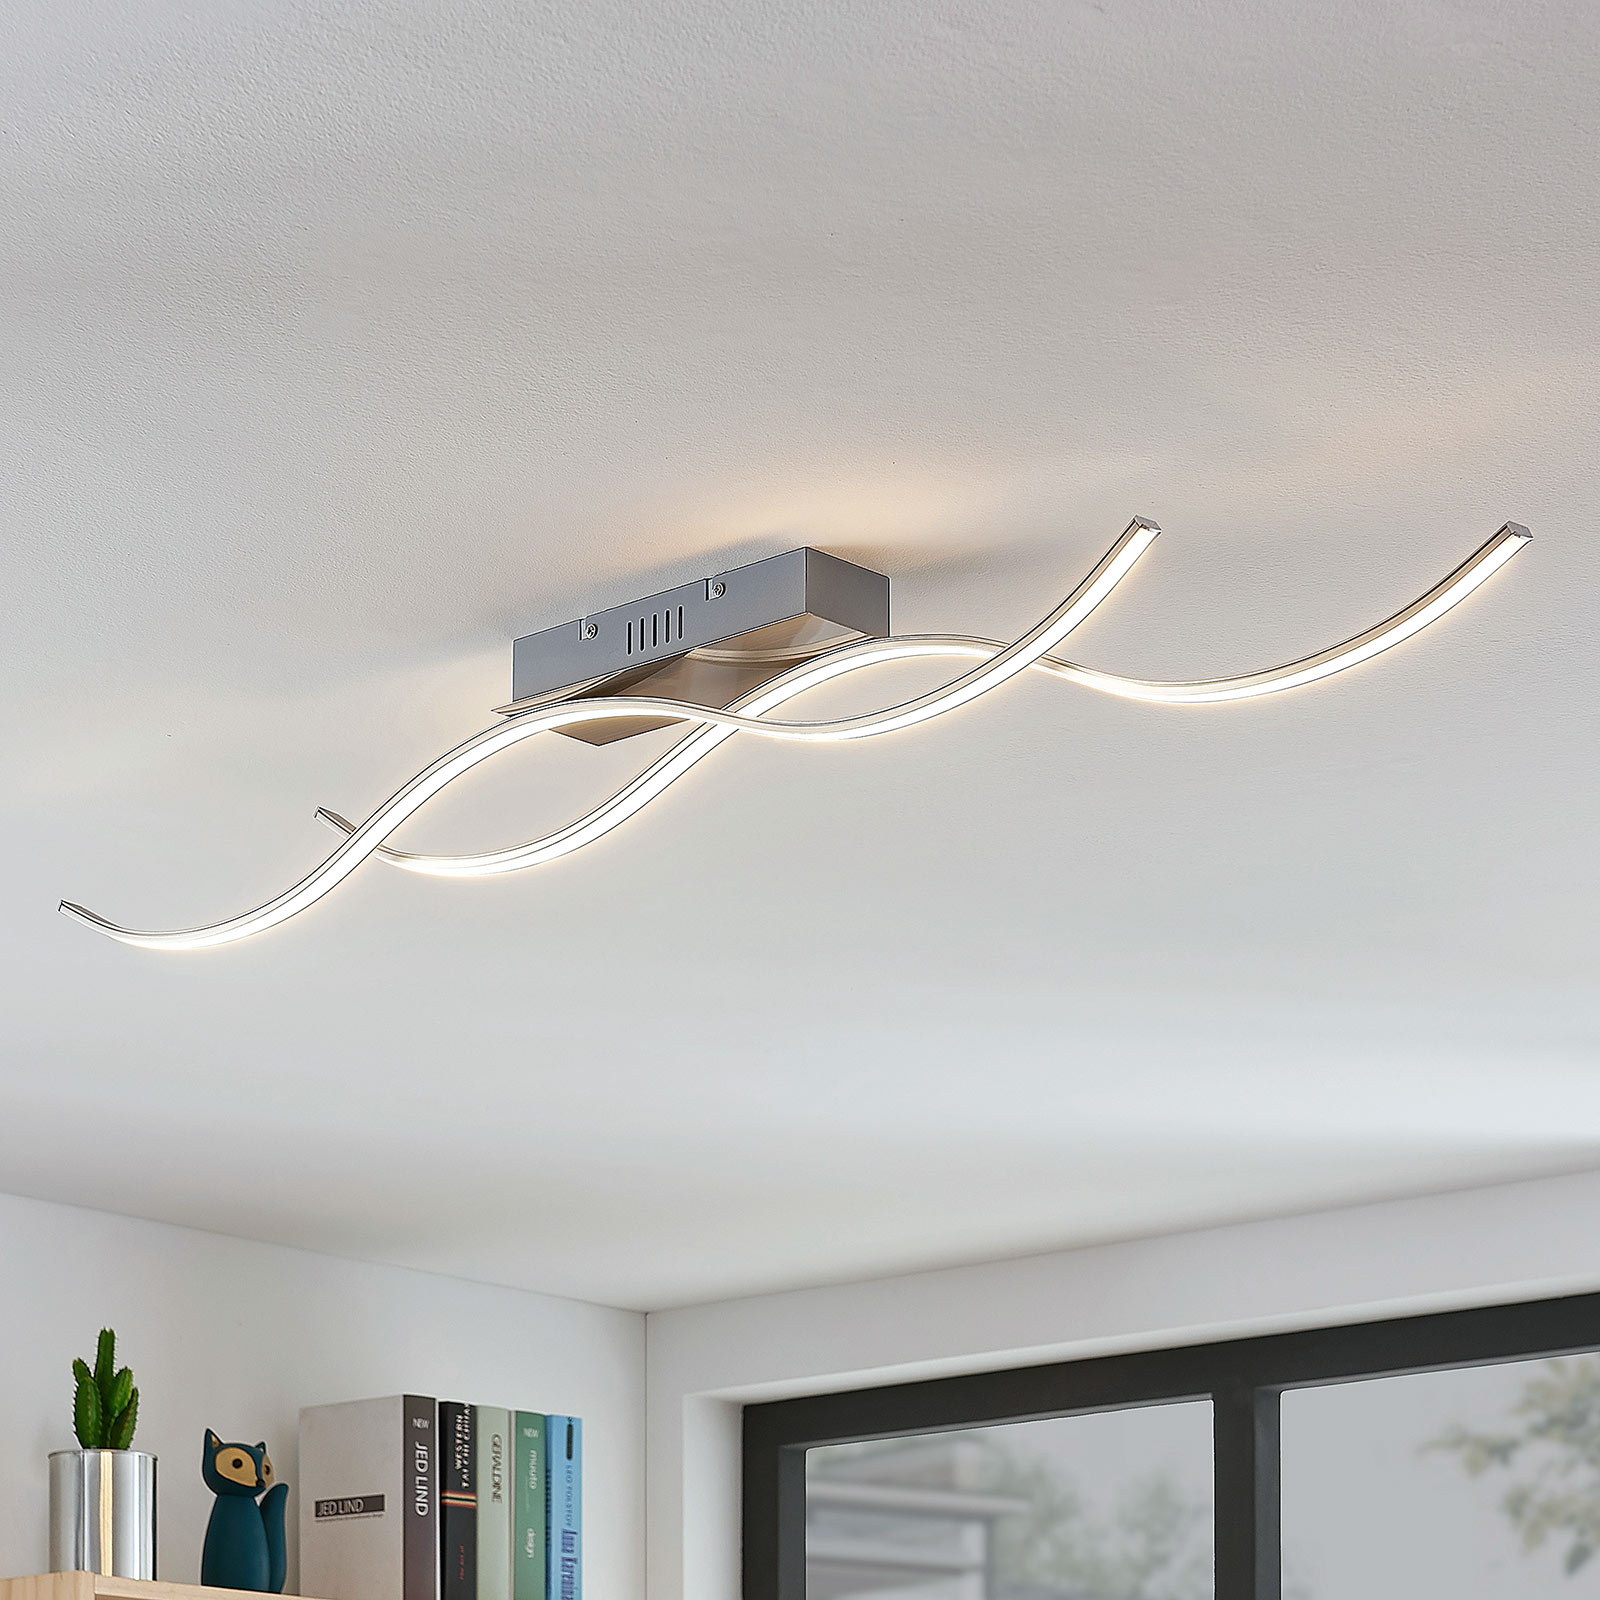 Lampa sufitowa LED Safia w formie fali, 2-punktowa